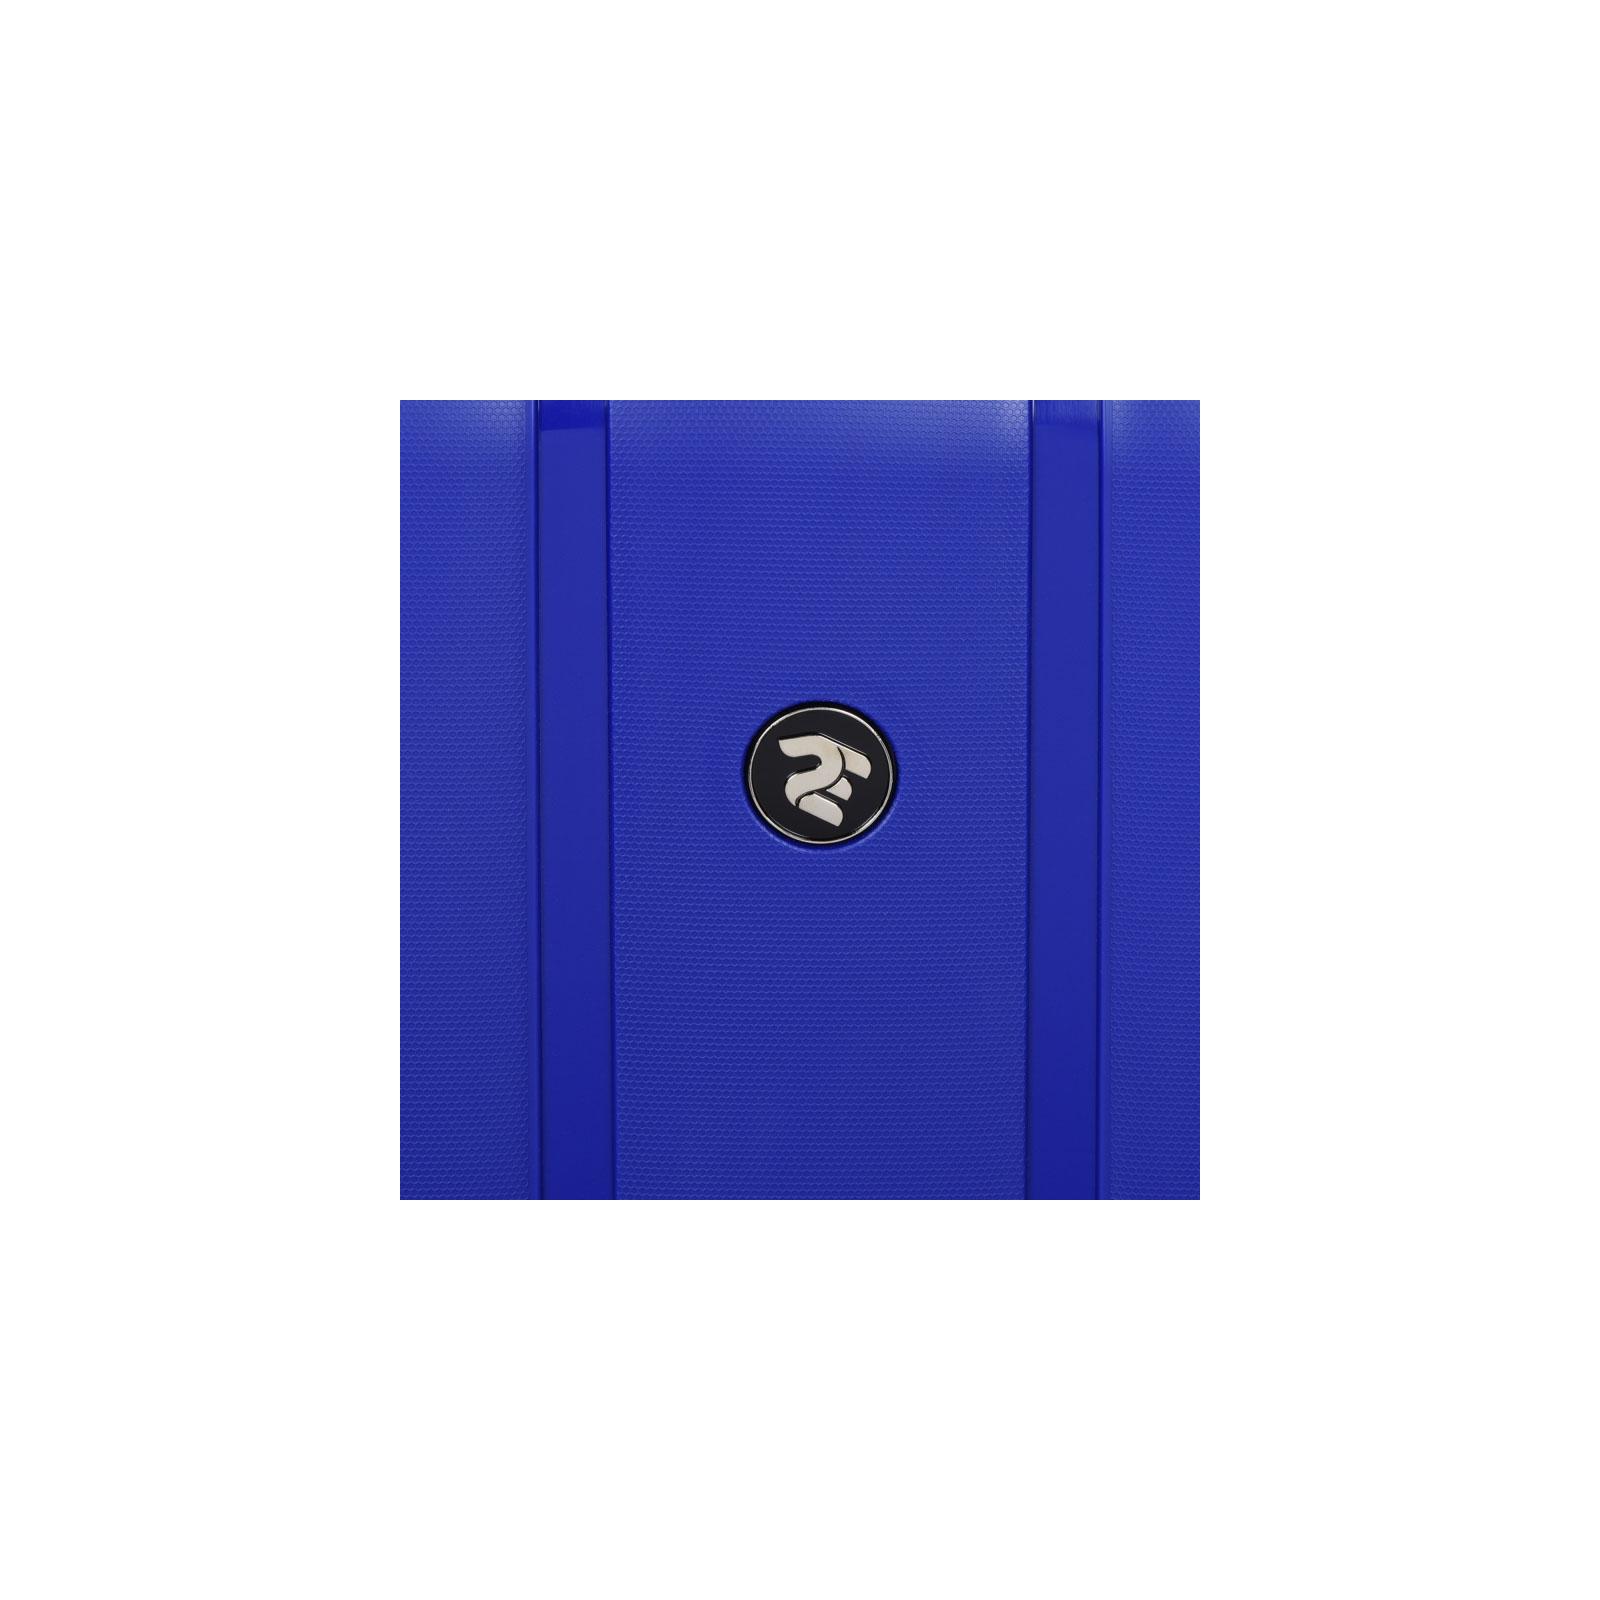 Чемодан 2E Youngster средний синий (2E-SPPY-M-NV) изображение 9